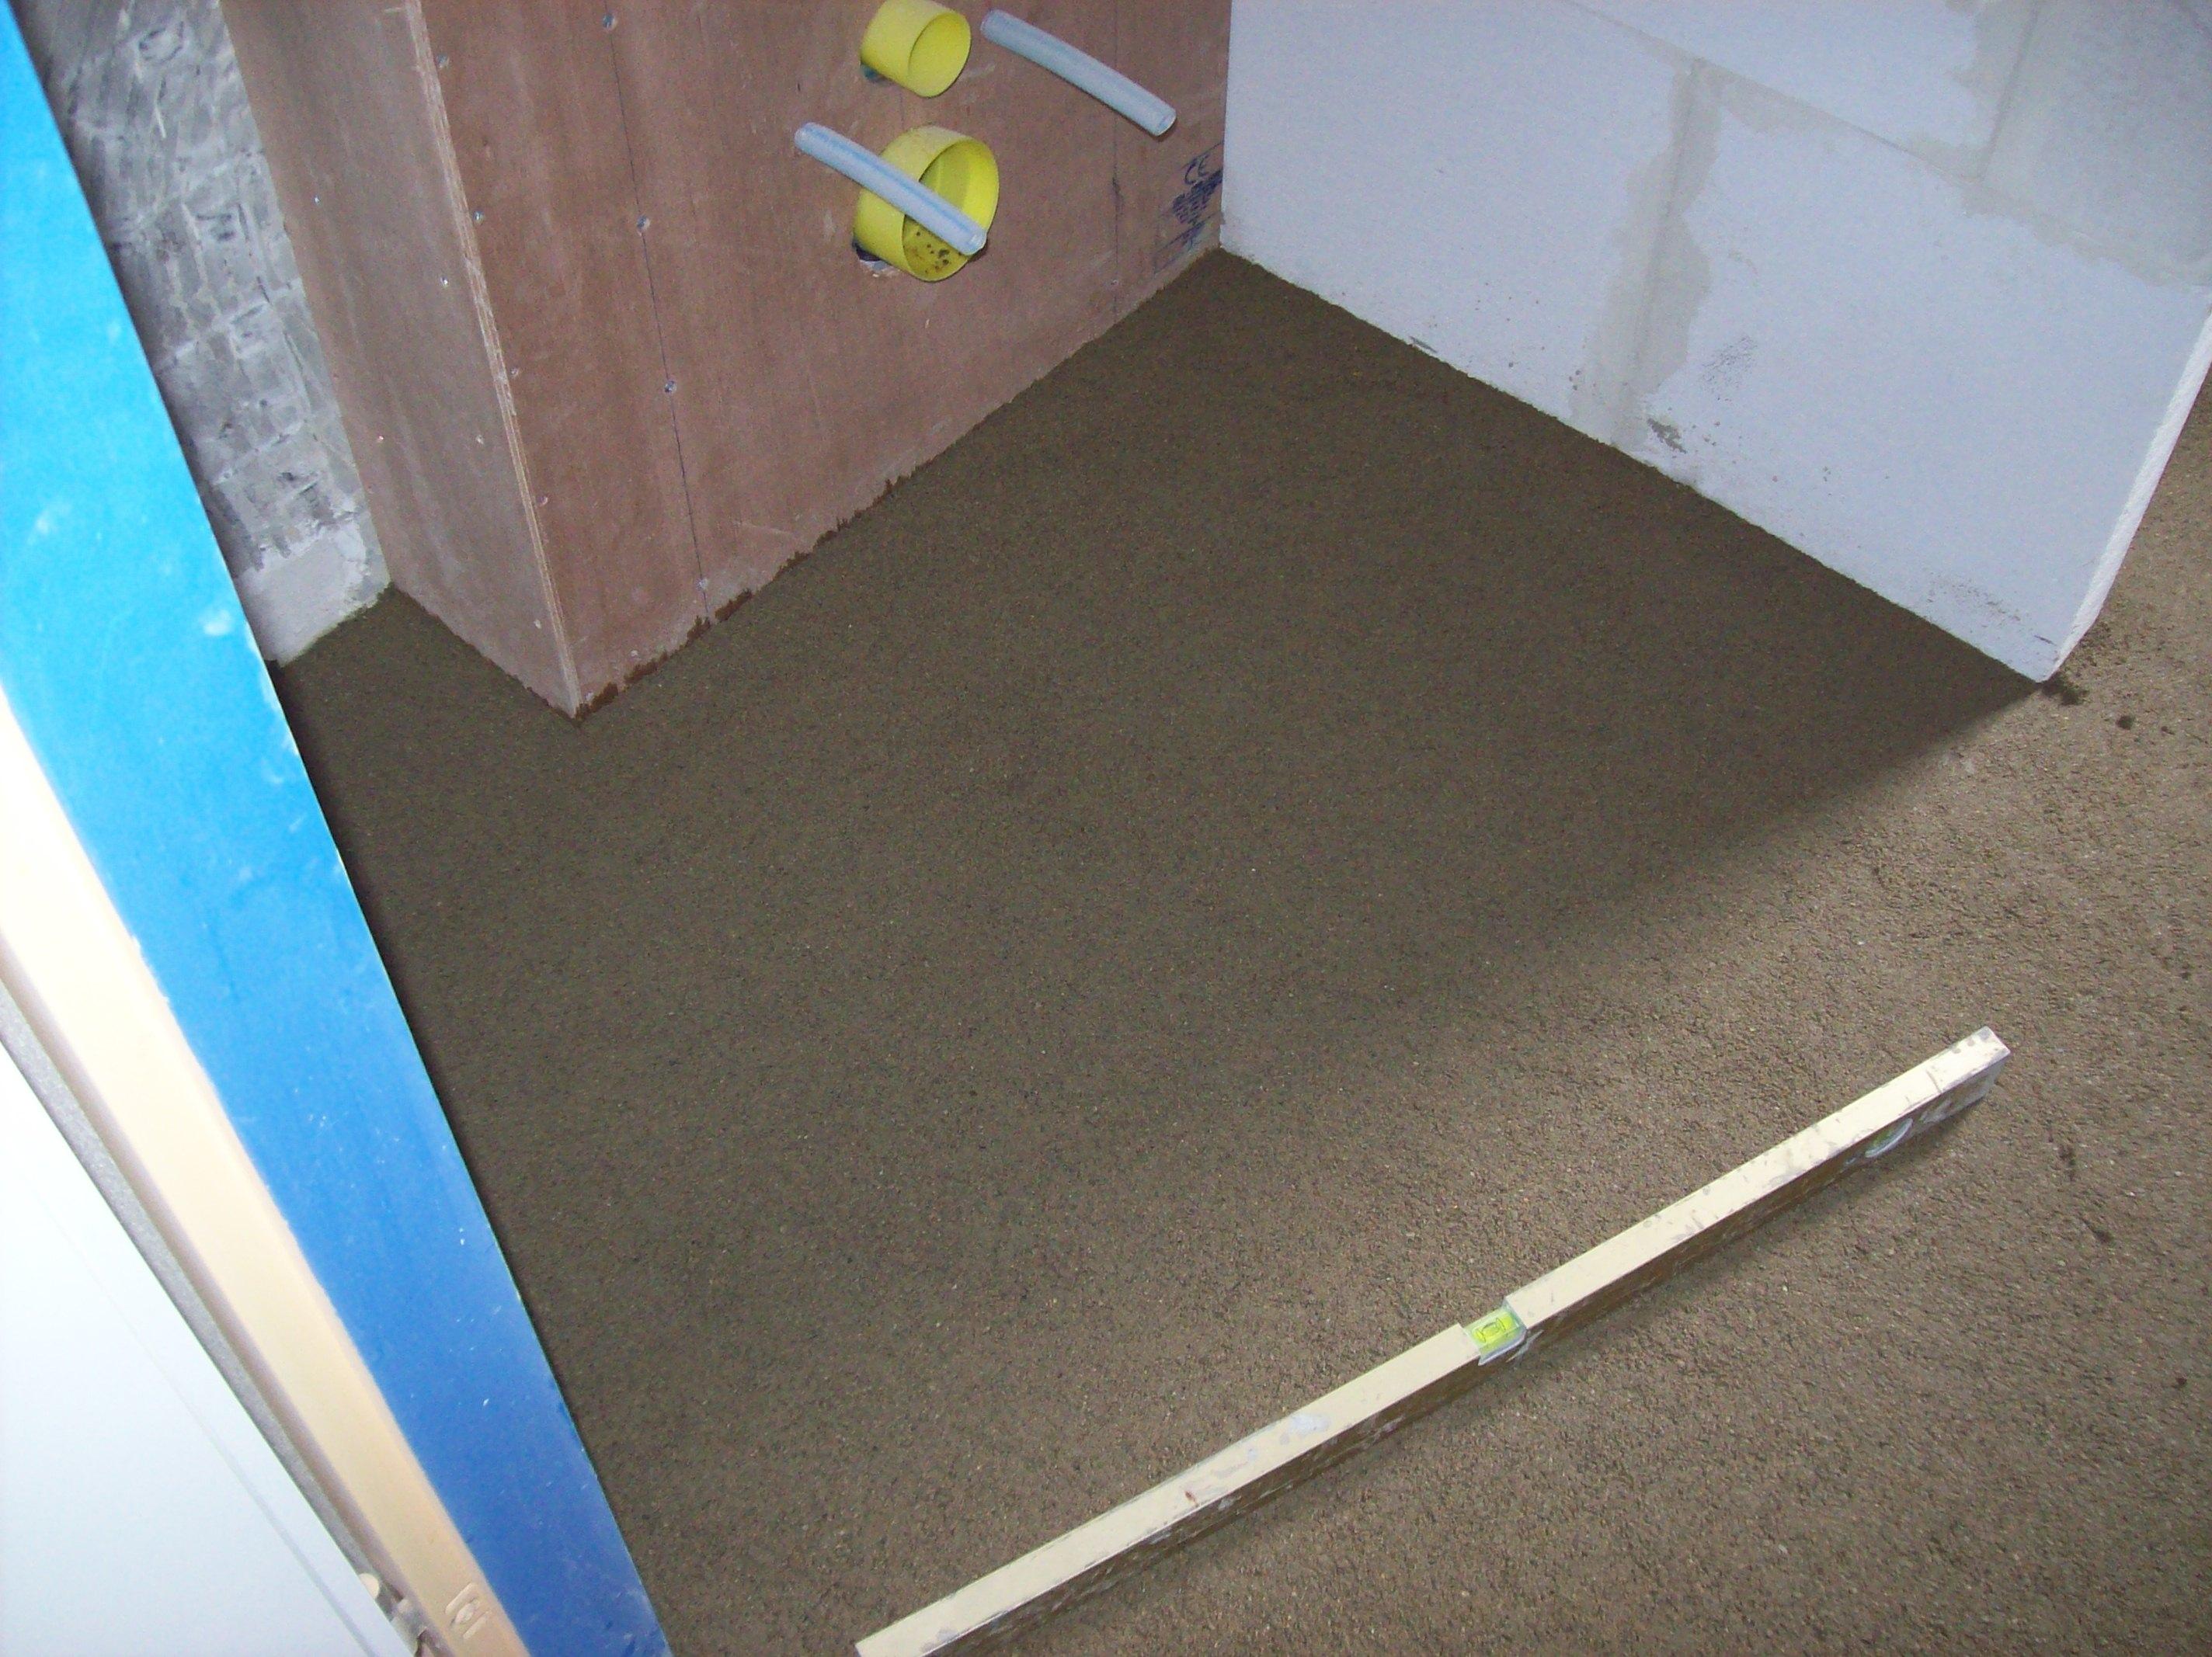 Badkamer verbouwing + WTW unit | Familie Kleinman BLOG